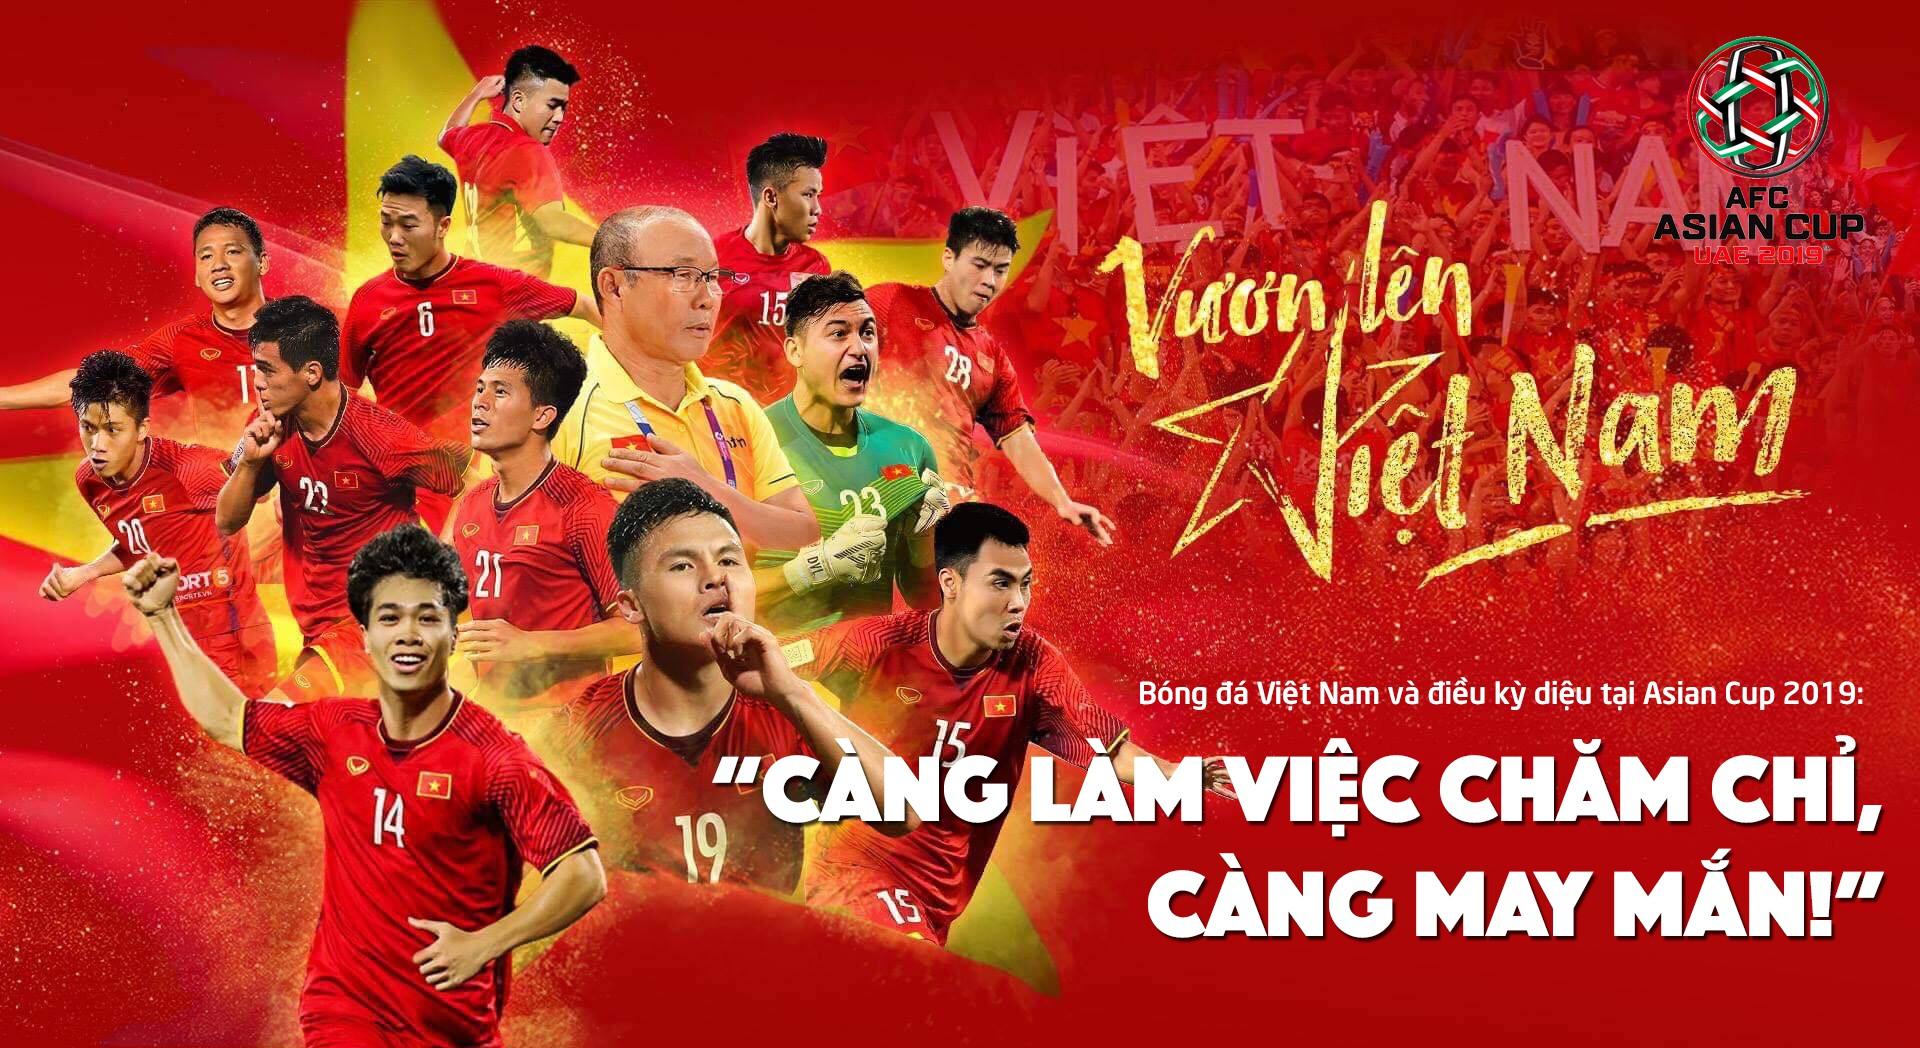 ... một bài viết được đăng trên tờ ESPN, cây bút John Duerden cho biết Singapore, Malaysia, Philippines có thể học hỏi từ sự tiến bộ của bóng đá Việt Nam.